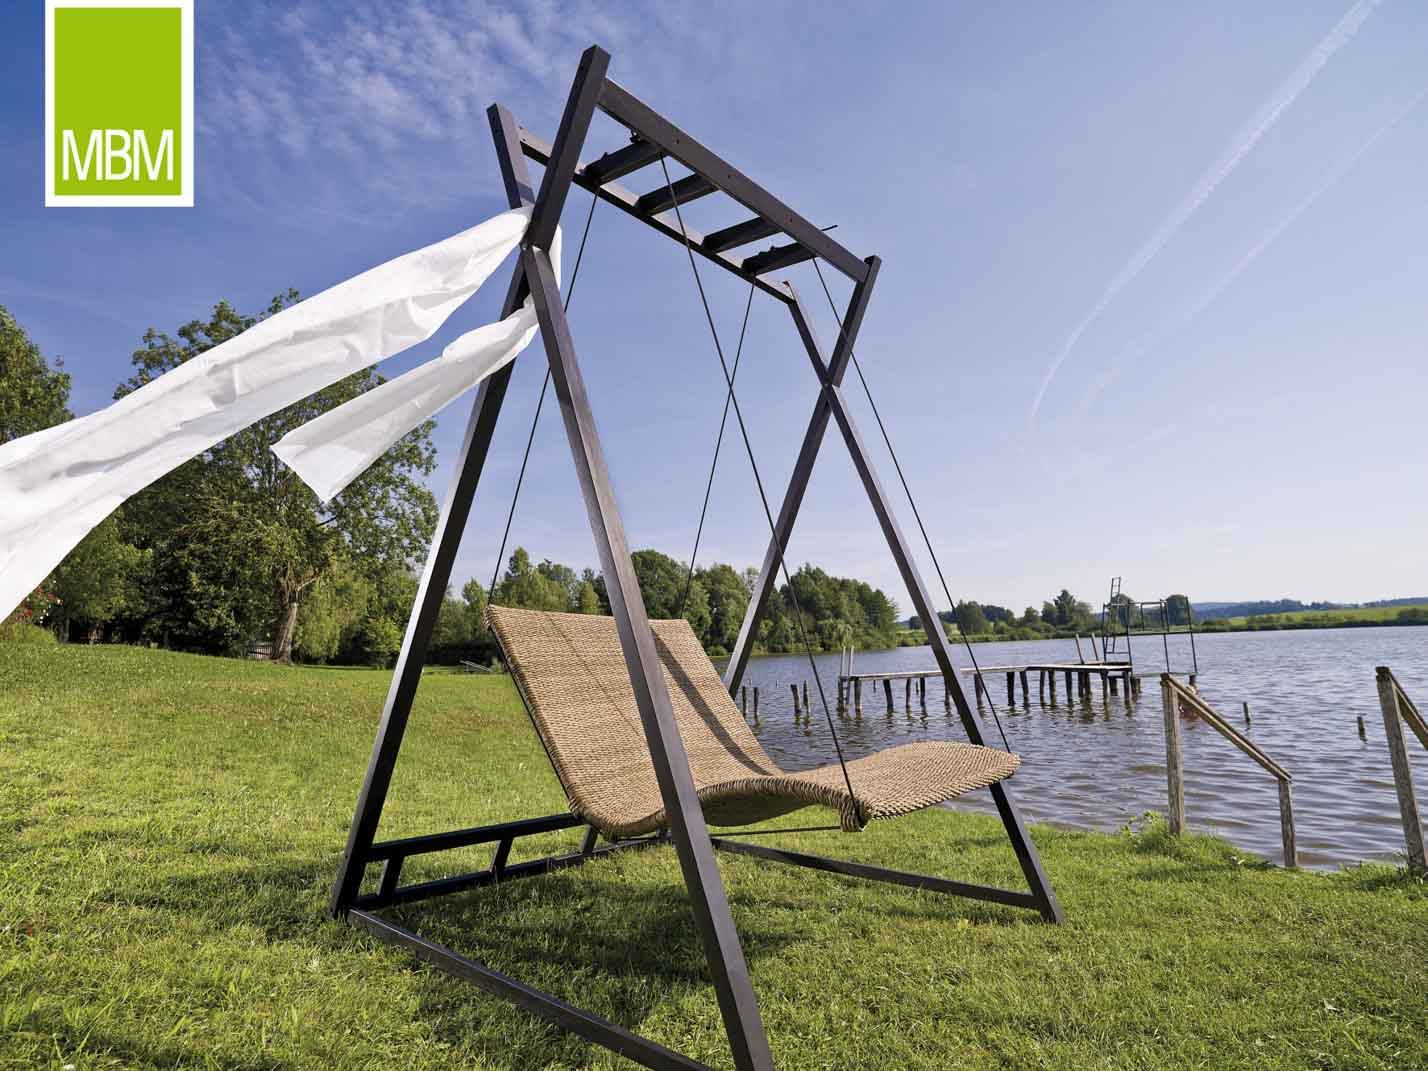 MBM Mirotex-Twist Gartenschaukel Heaven Swing   TOO-Design Gartenmöbel